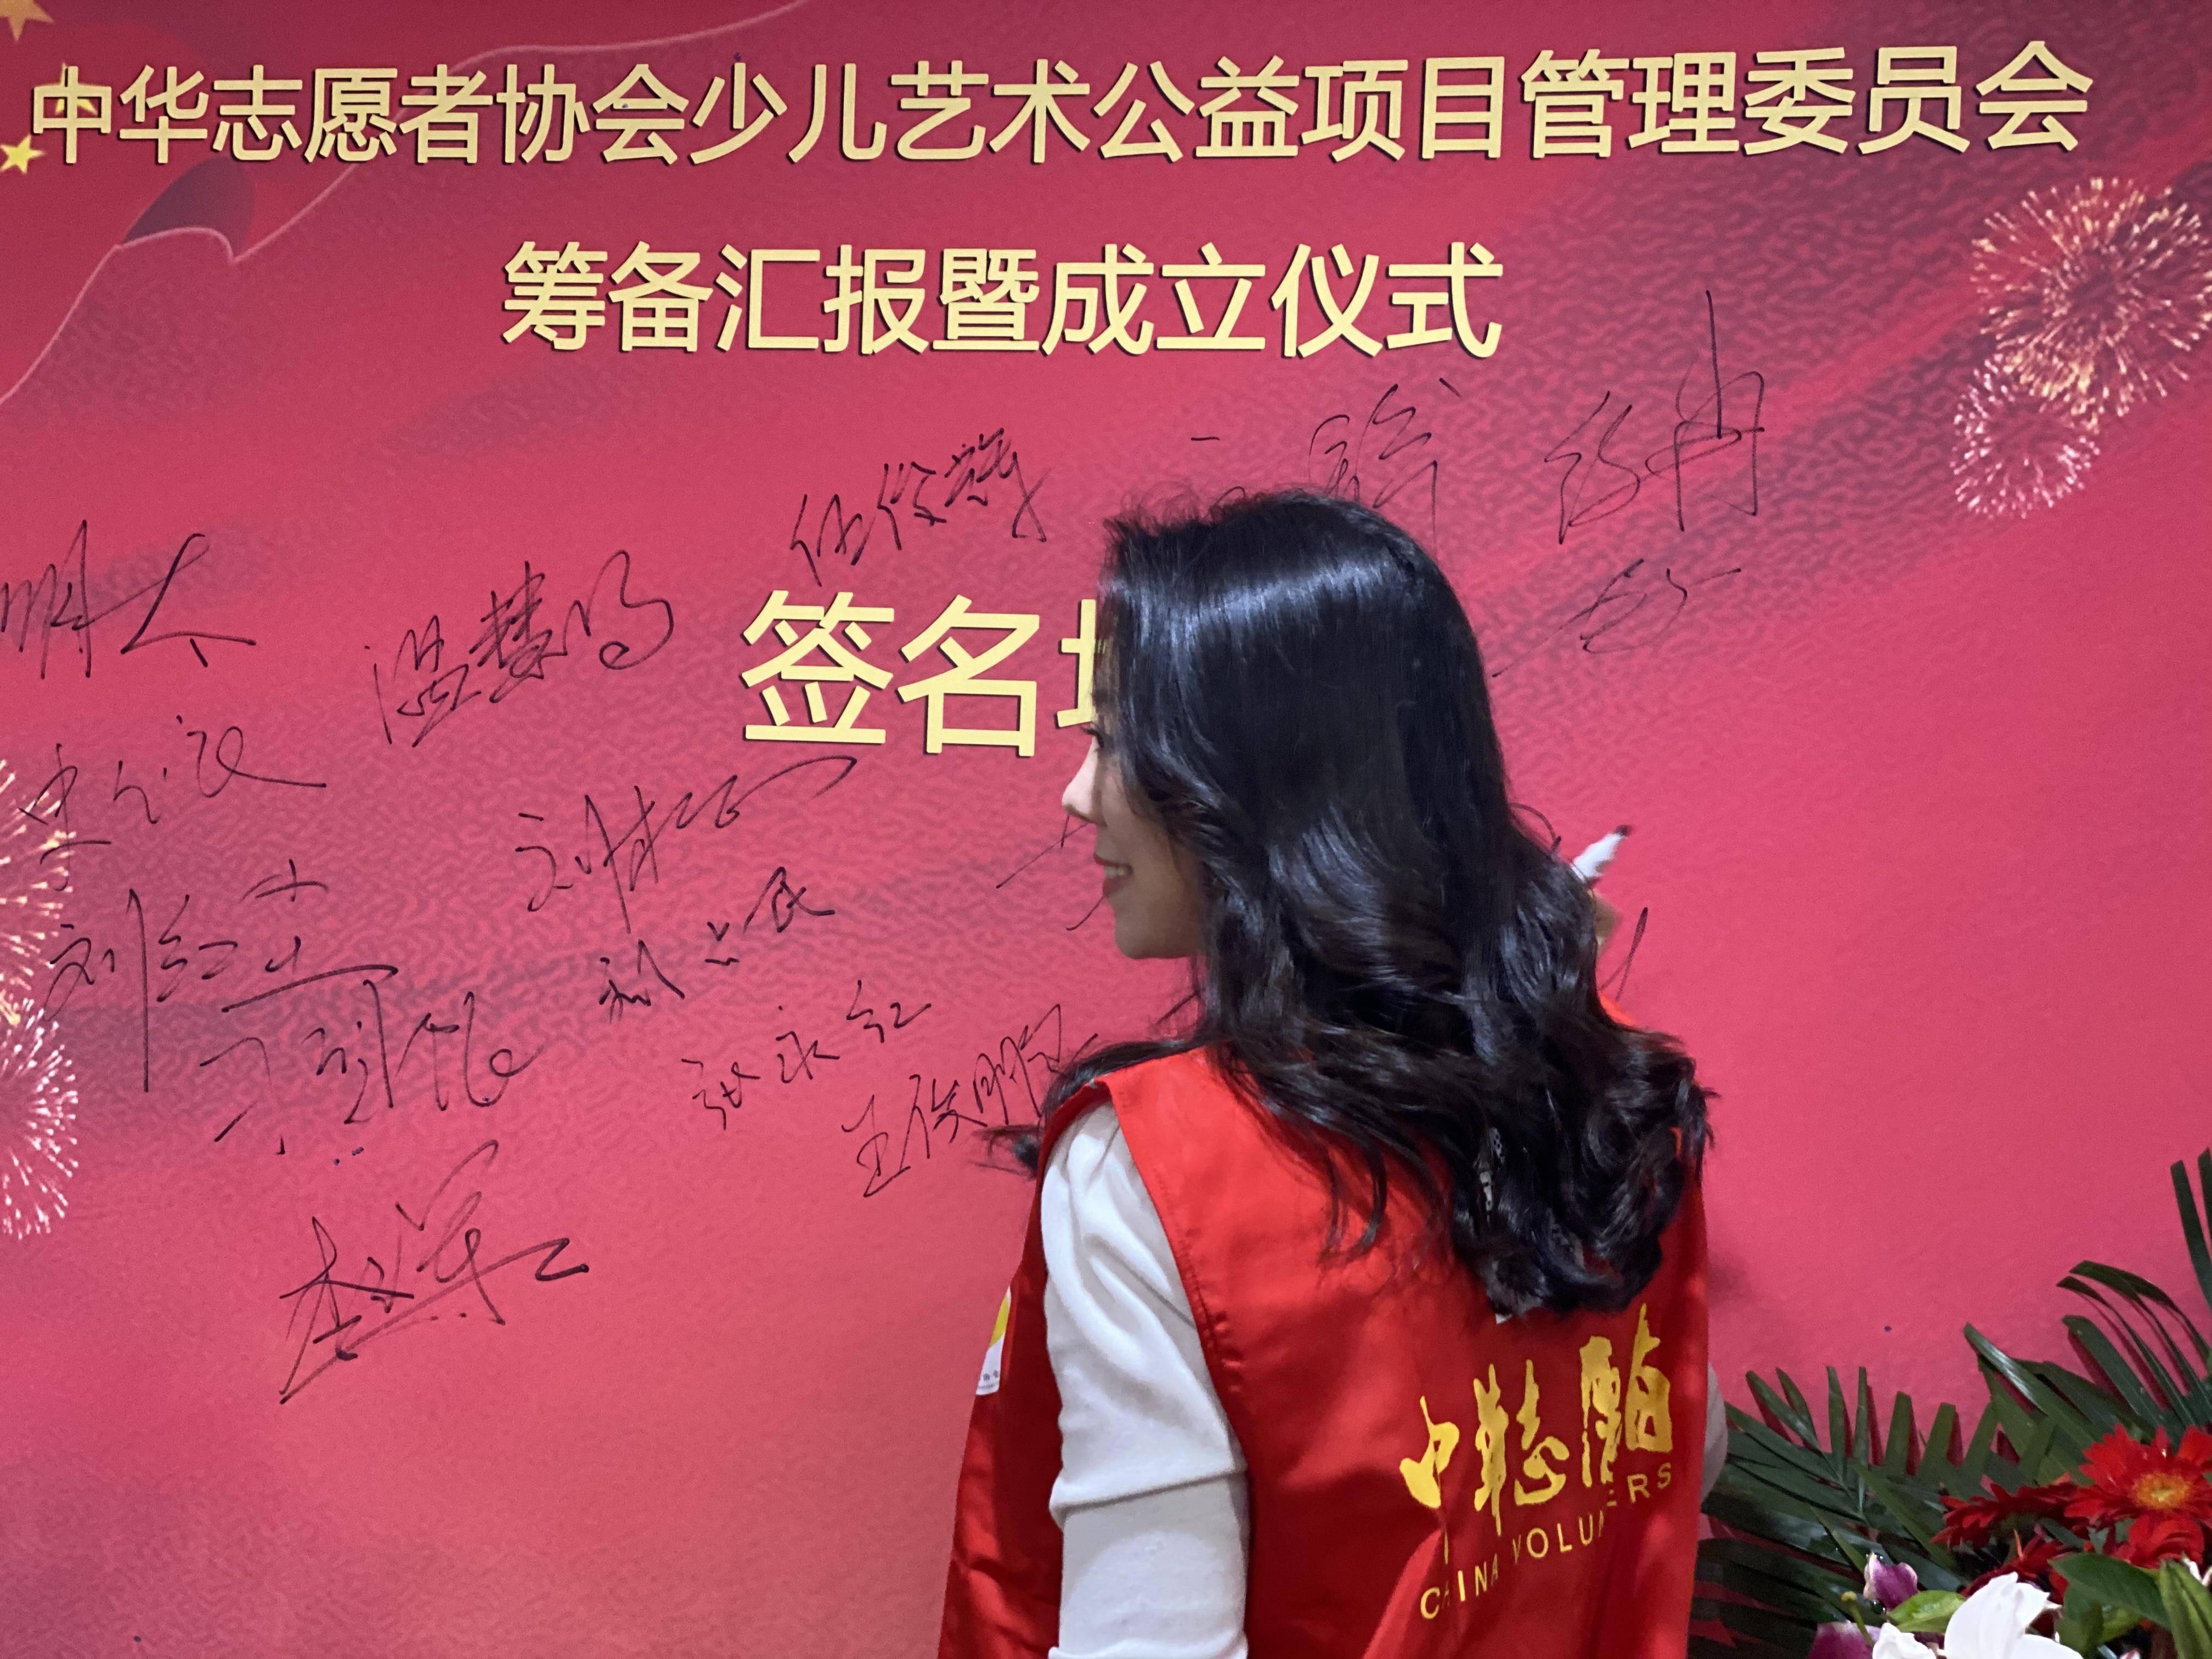 北京冉红国际文化艺术传媒有限公司董事长徐冉参加中志协少委会成立仪式